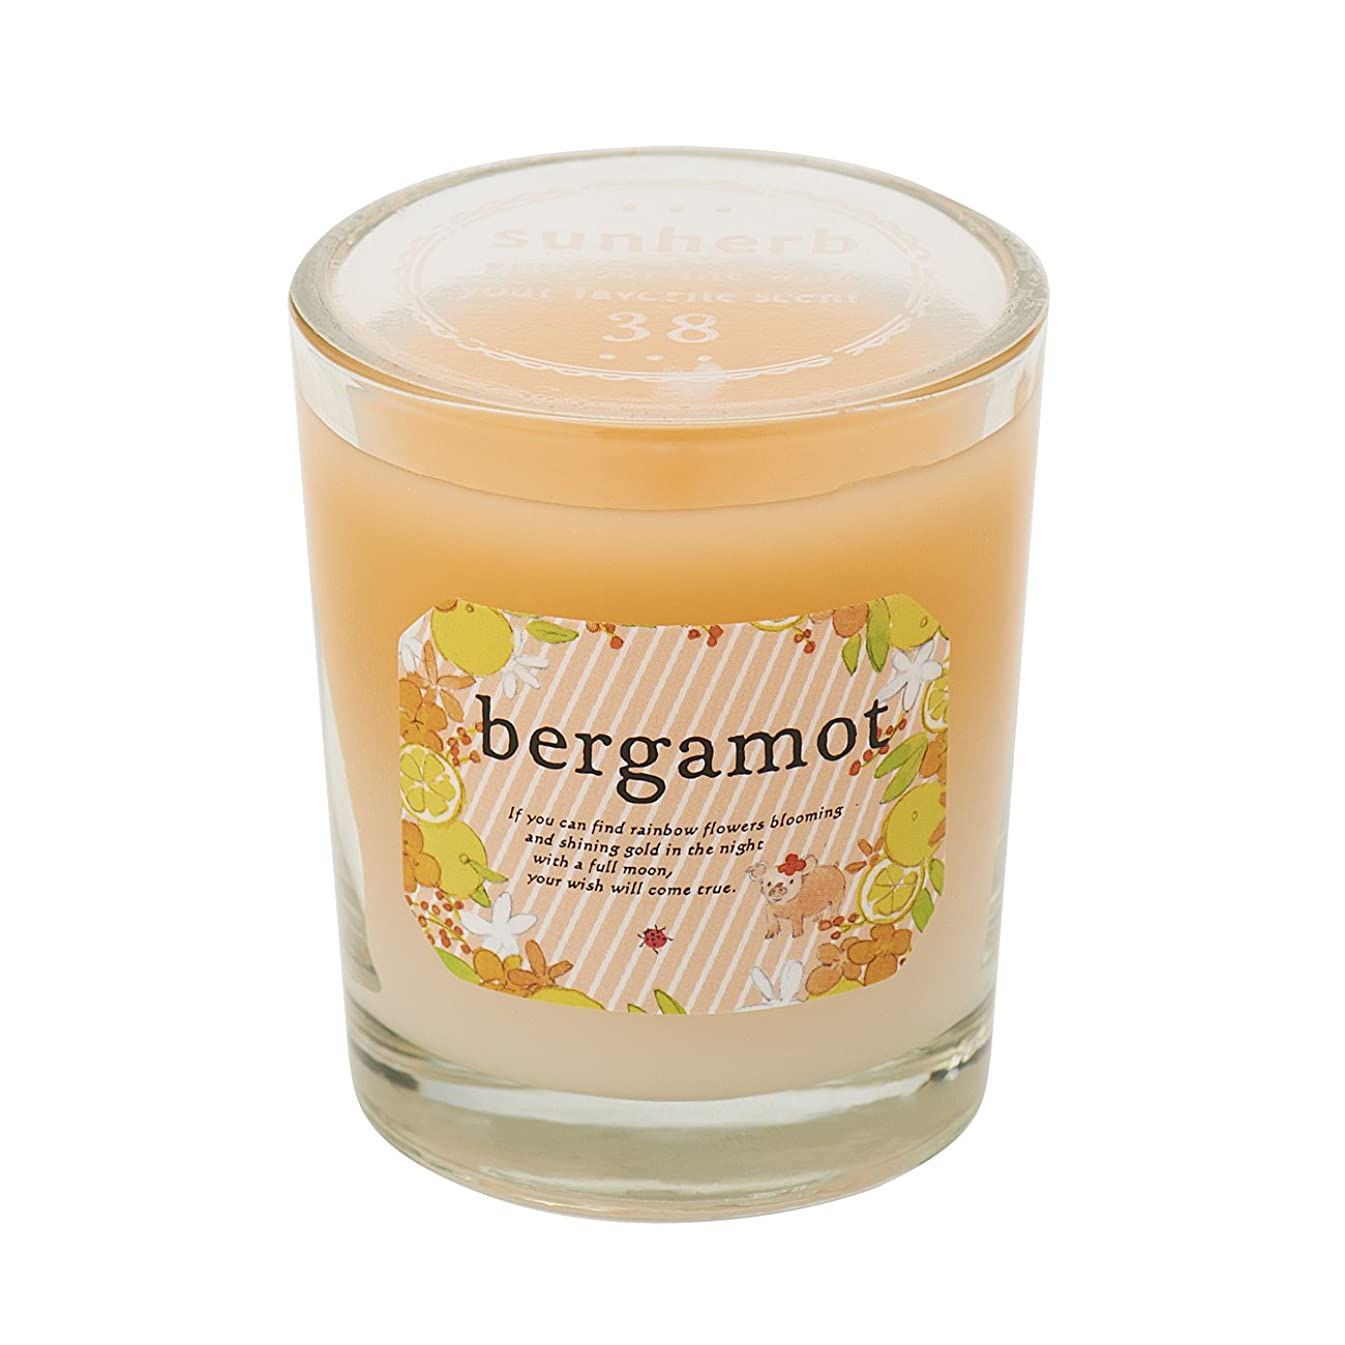 起きているスイス人喜劇サンハーブ グラスキャンドル ベルガモット 35g(グラデーションろうそく 燃焼時間約10時間 懐かしい甘酸っぱい香り)